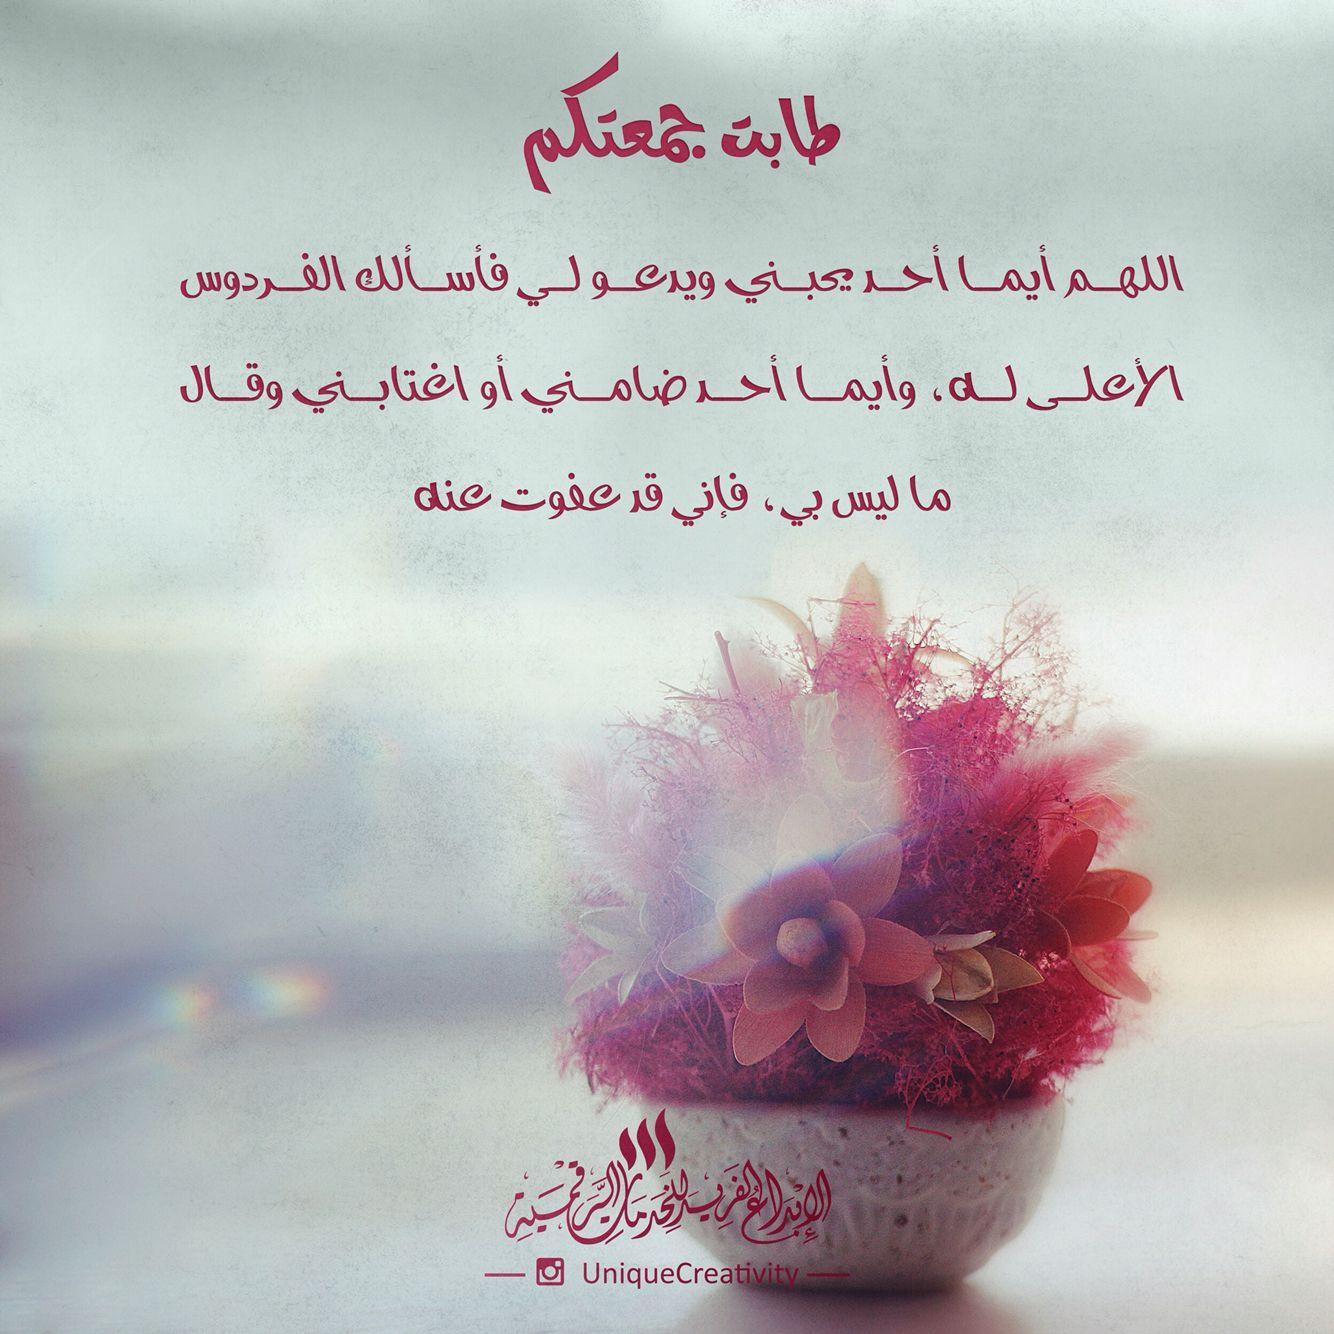 طابت جمعتكم يمكنكم إعادة نشر هذا التصميم في مختلف وسائل التواصل الإجتماعي مع ذكر الحقوق صباح الخير جمع Jumma Mubarak Images Duaa Islam Islam Quran